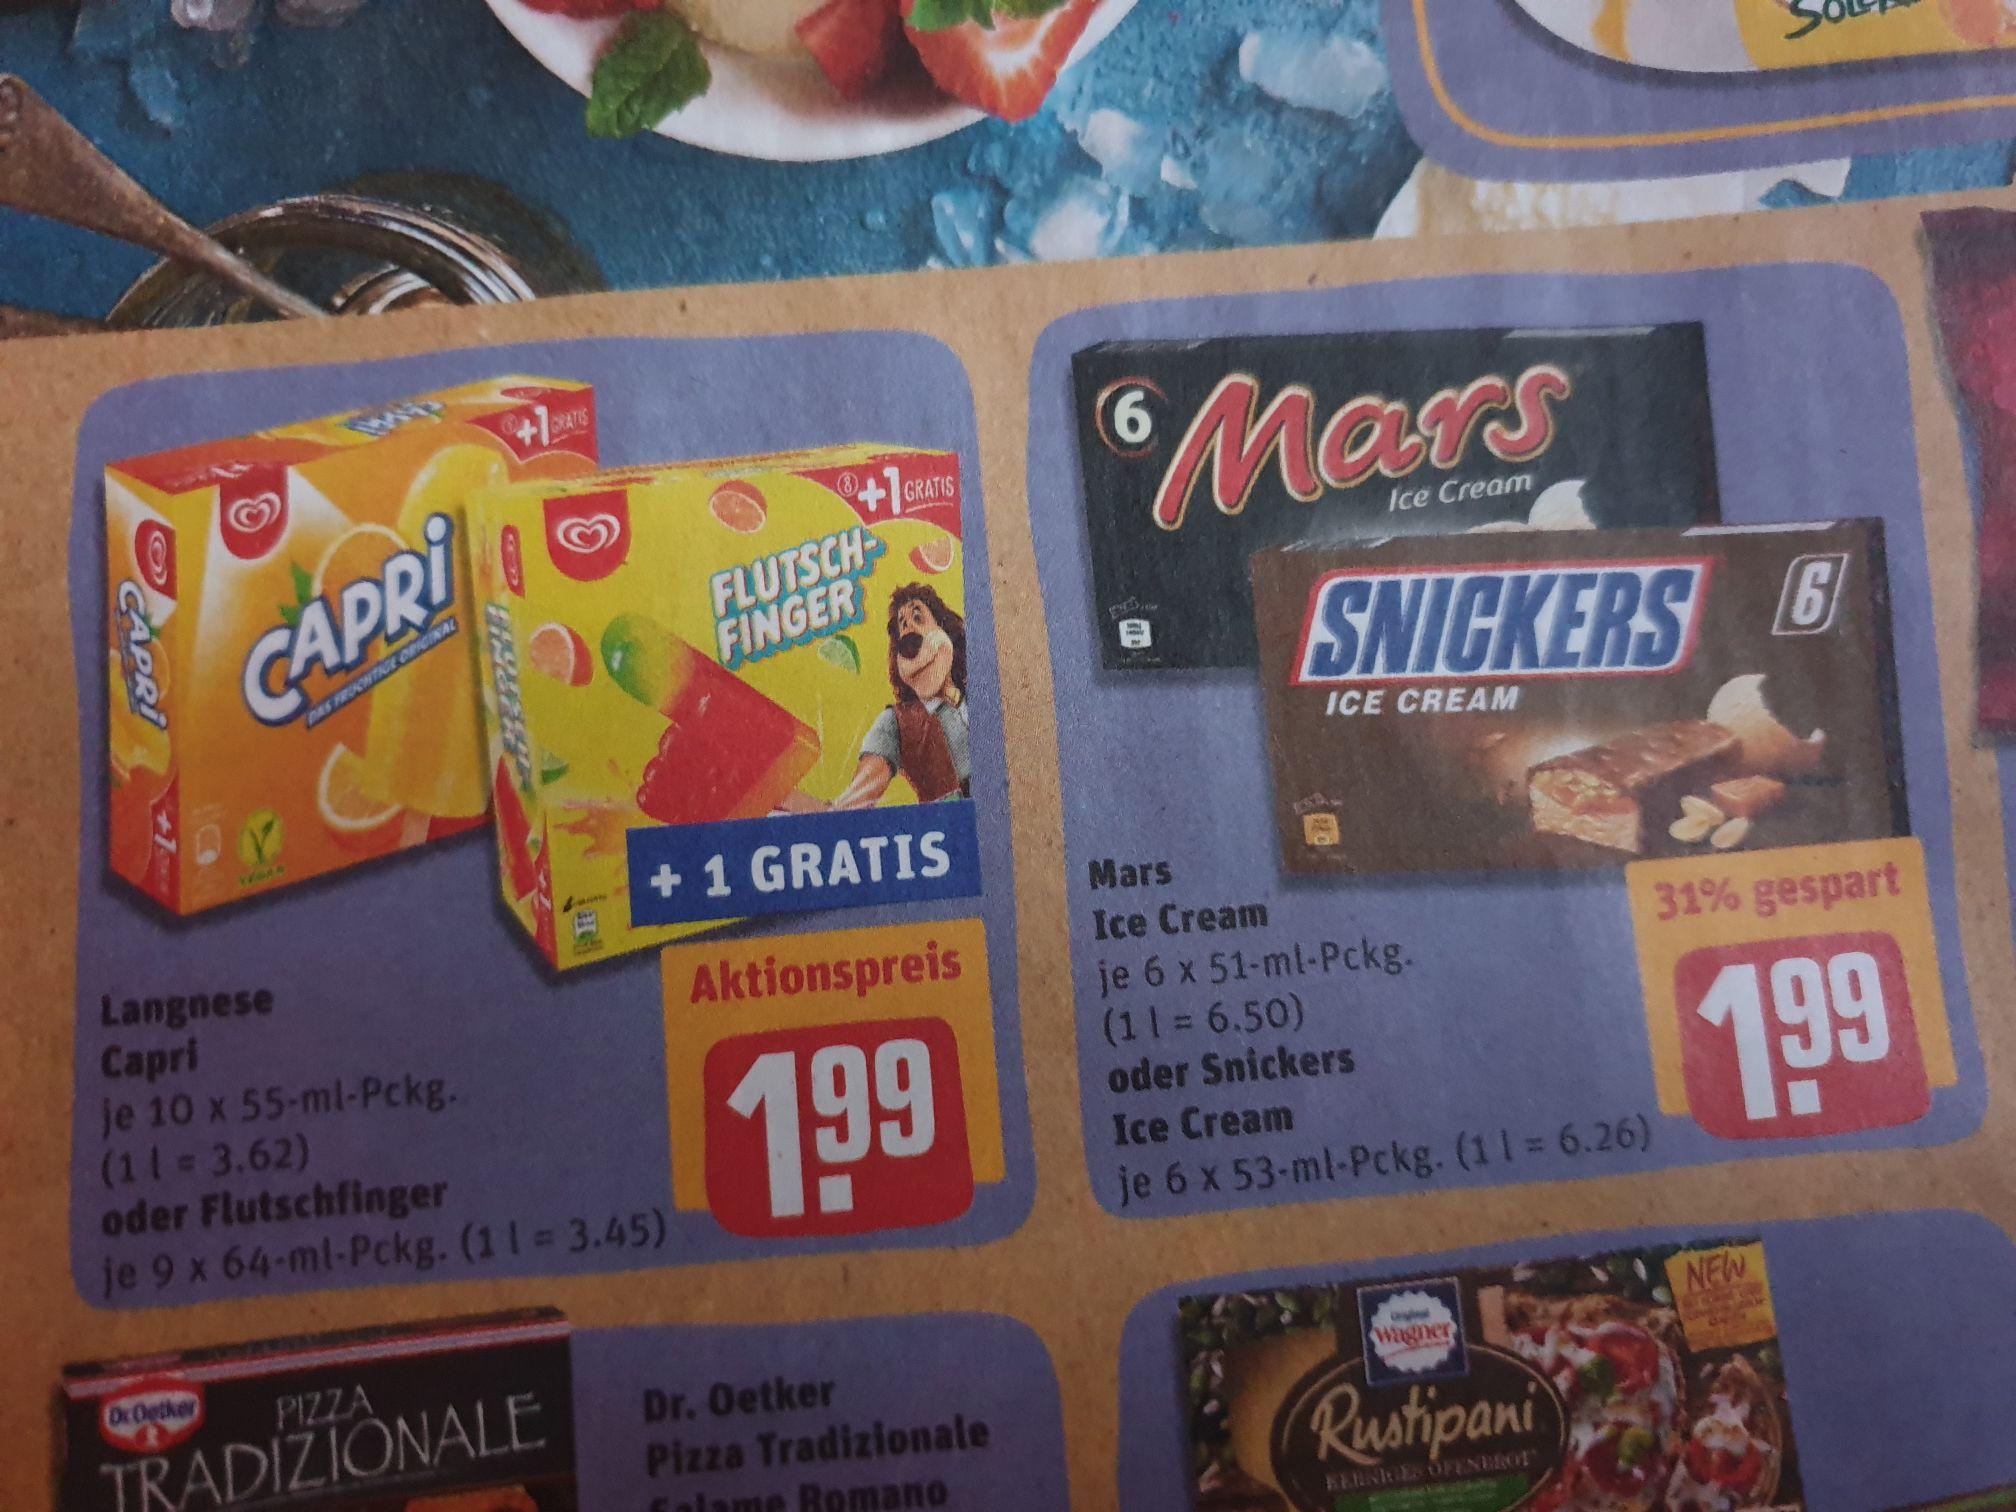 (Rewe) Langnese Eis Capri o. Flutschfinger + 1 gratis und Mars o. Snickers-Eis für 1,99€